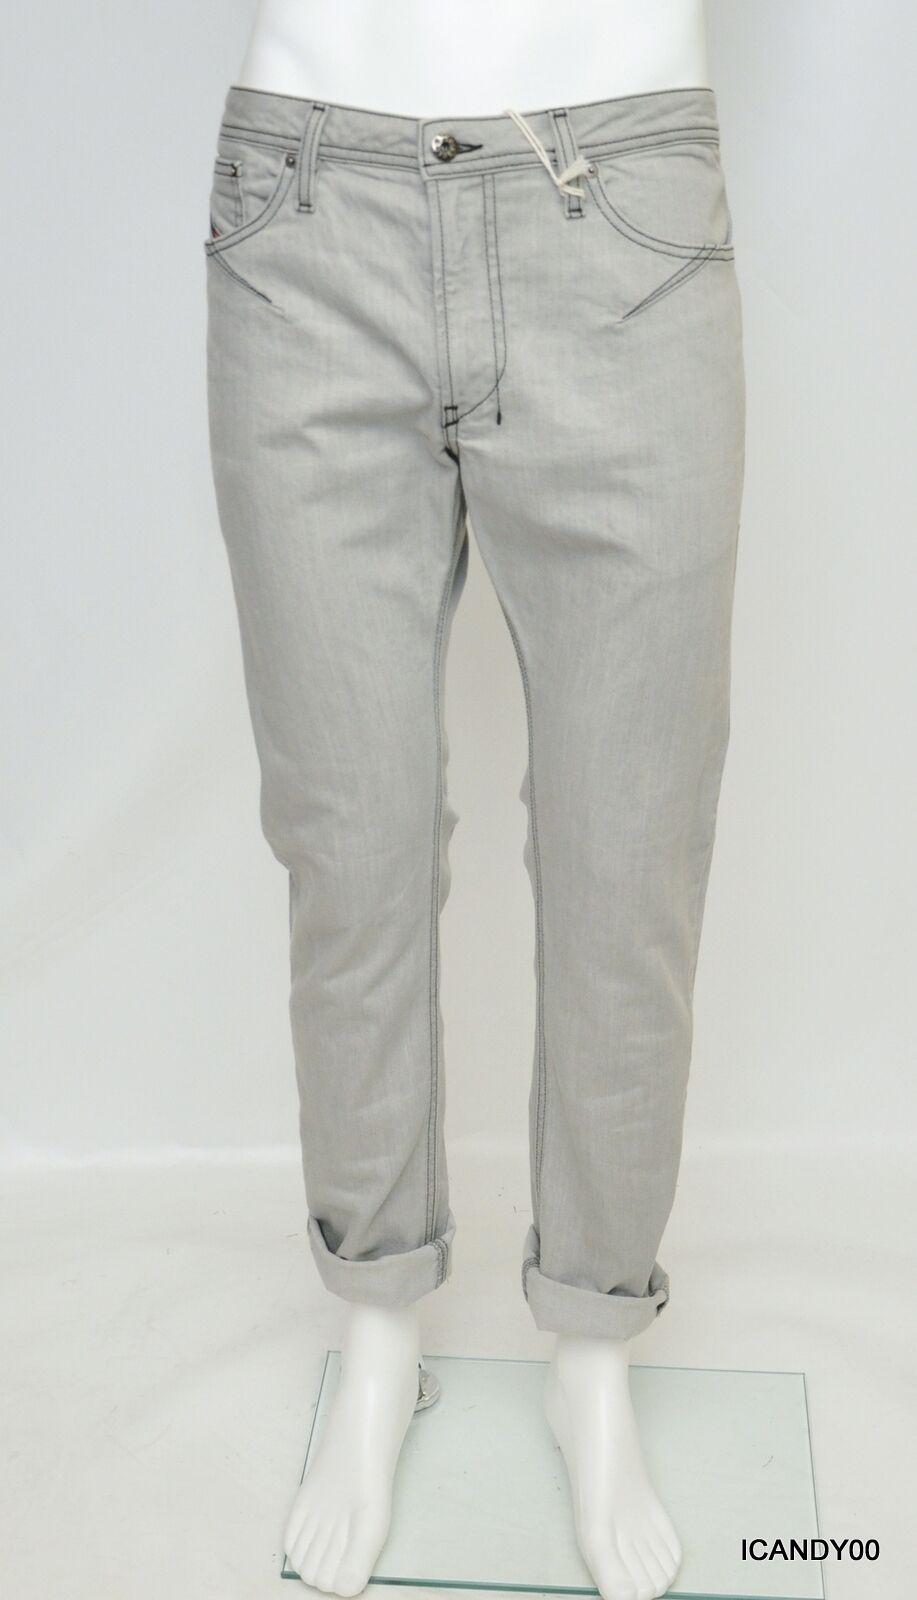 Diesel Shioner Men's Skinny Leg Slim Fit Jeans Pants Trousers 0RZ43 34-32 Nwt